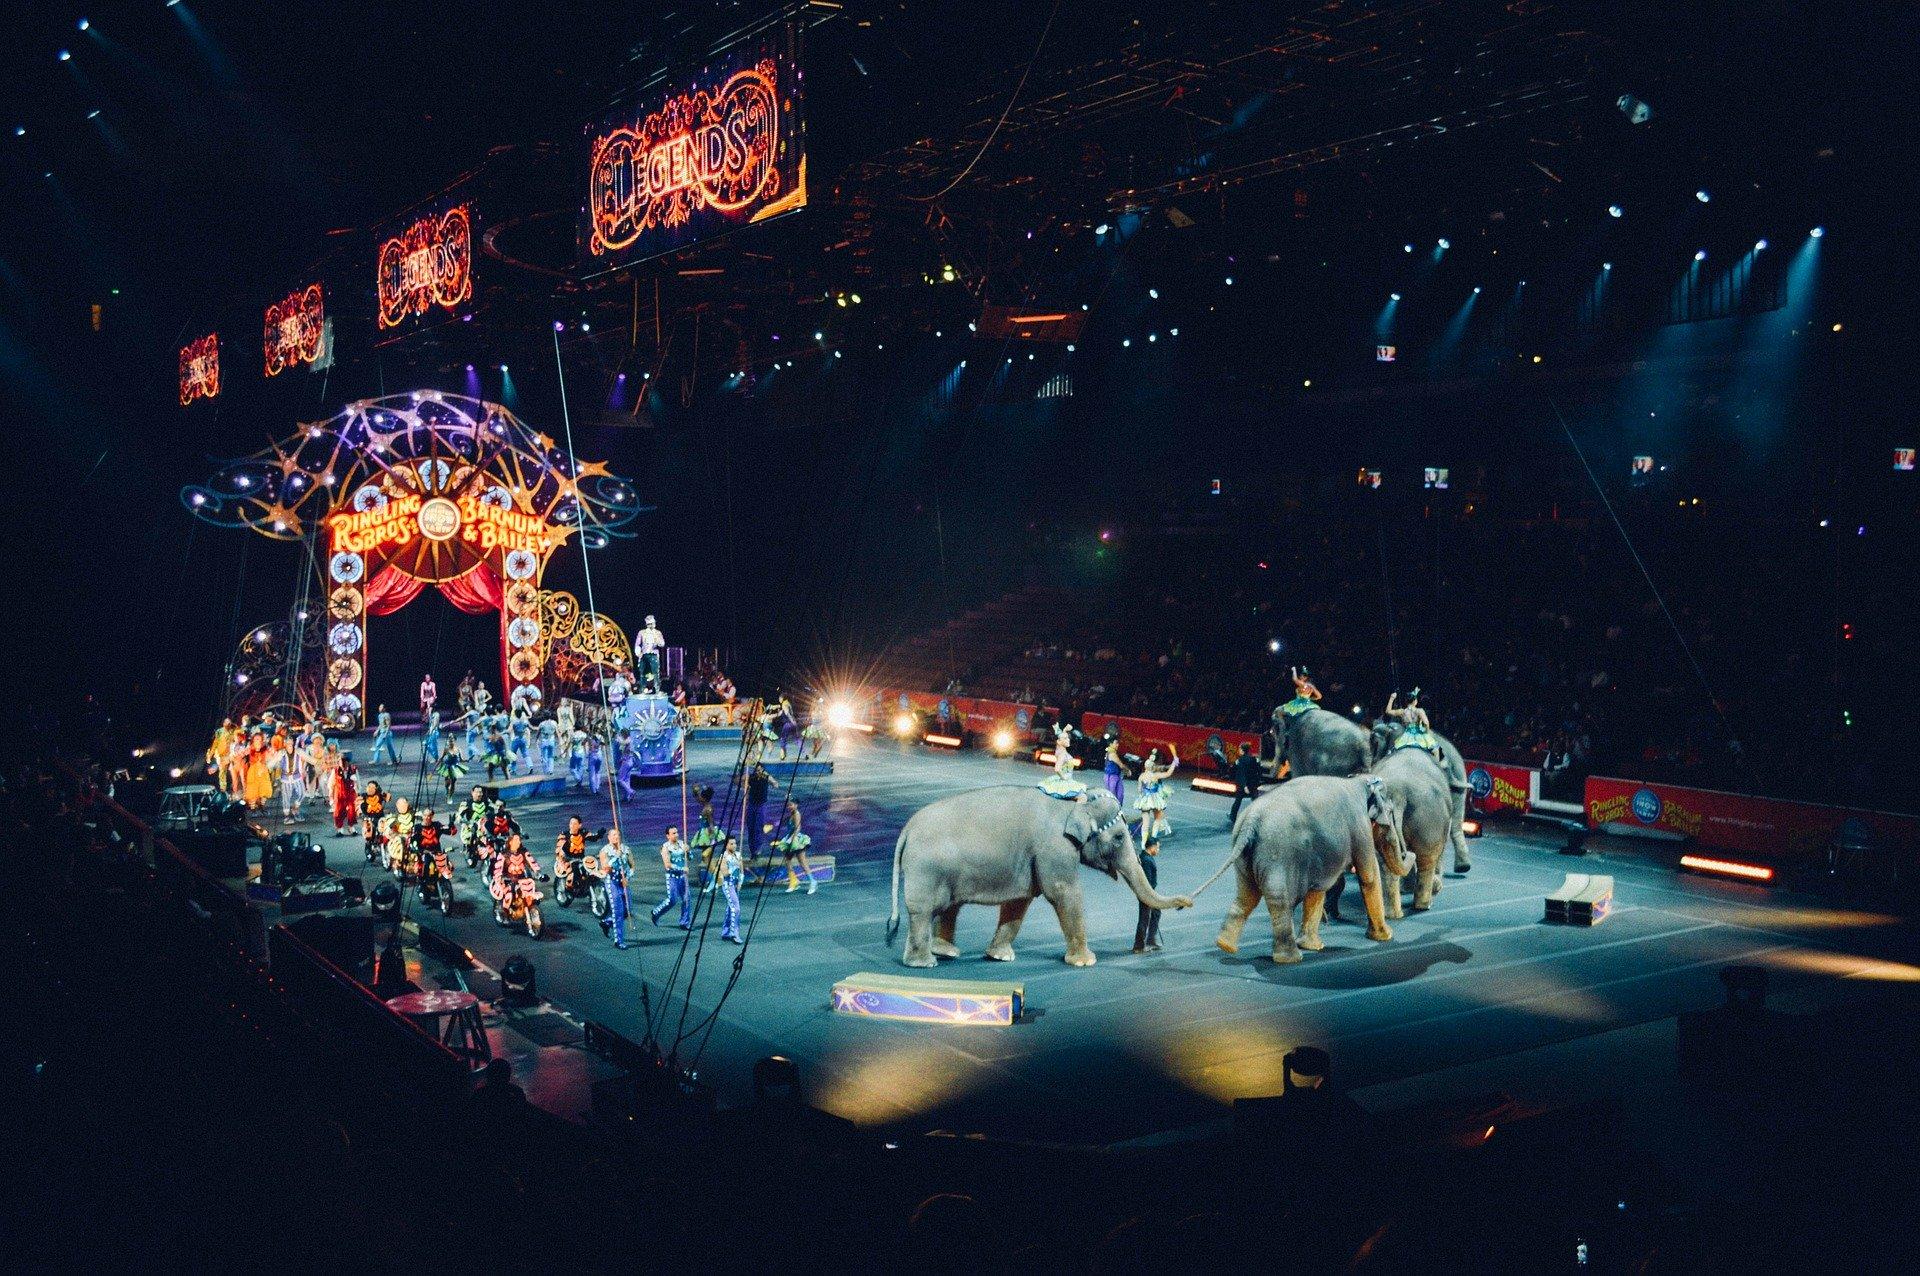 Les animaux sauvages dans les cirques itinérants progressivement interdits